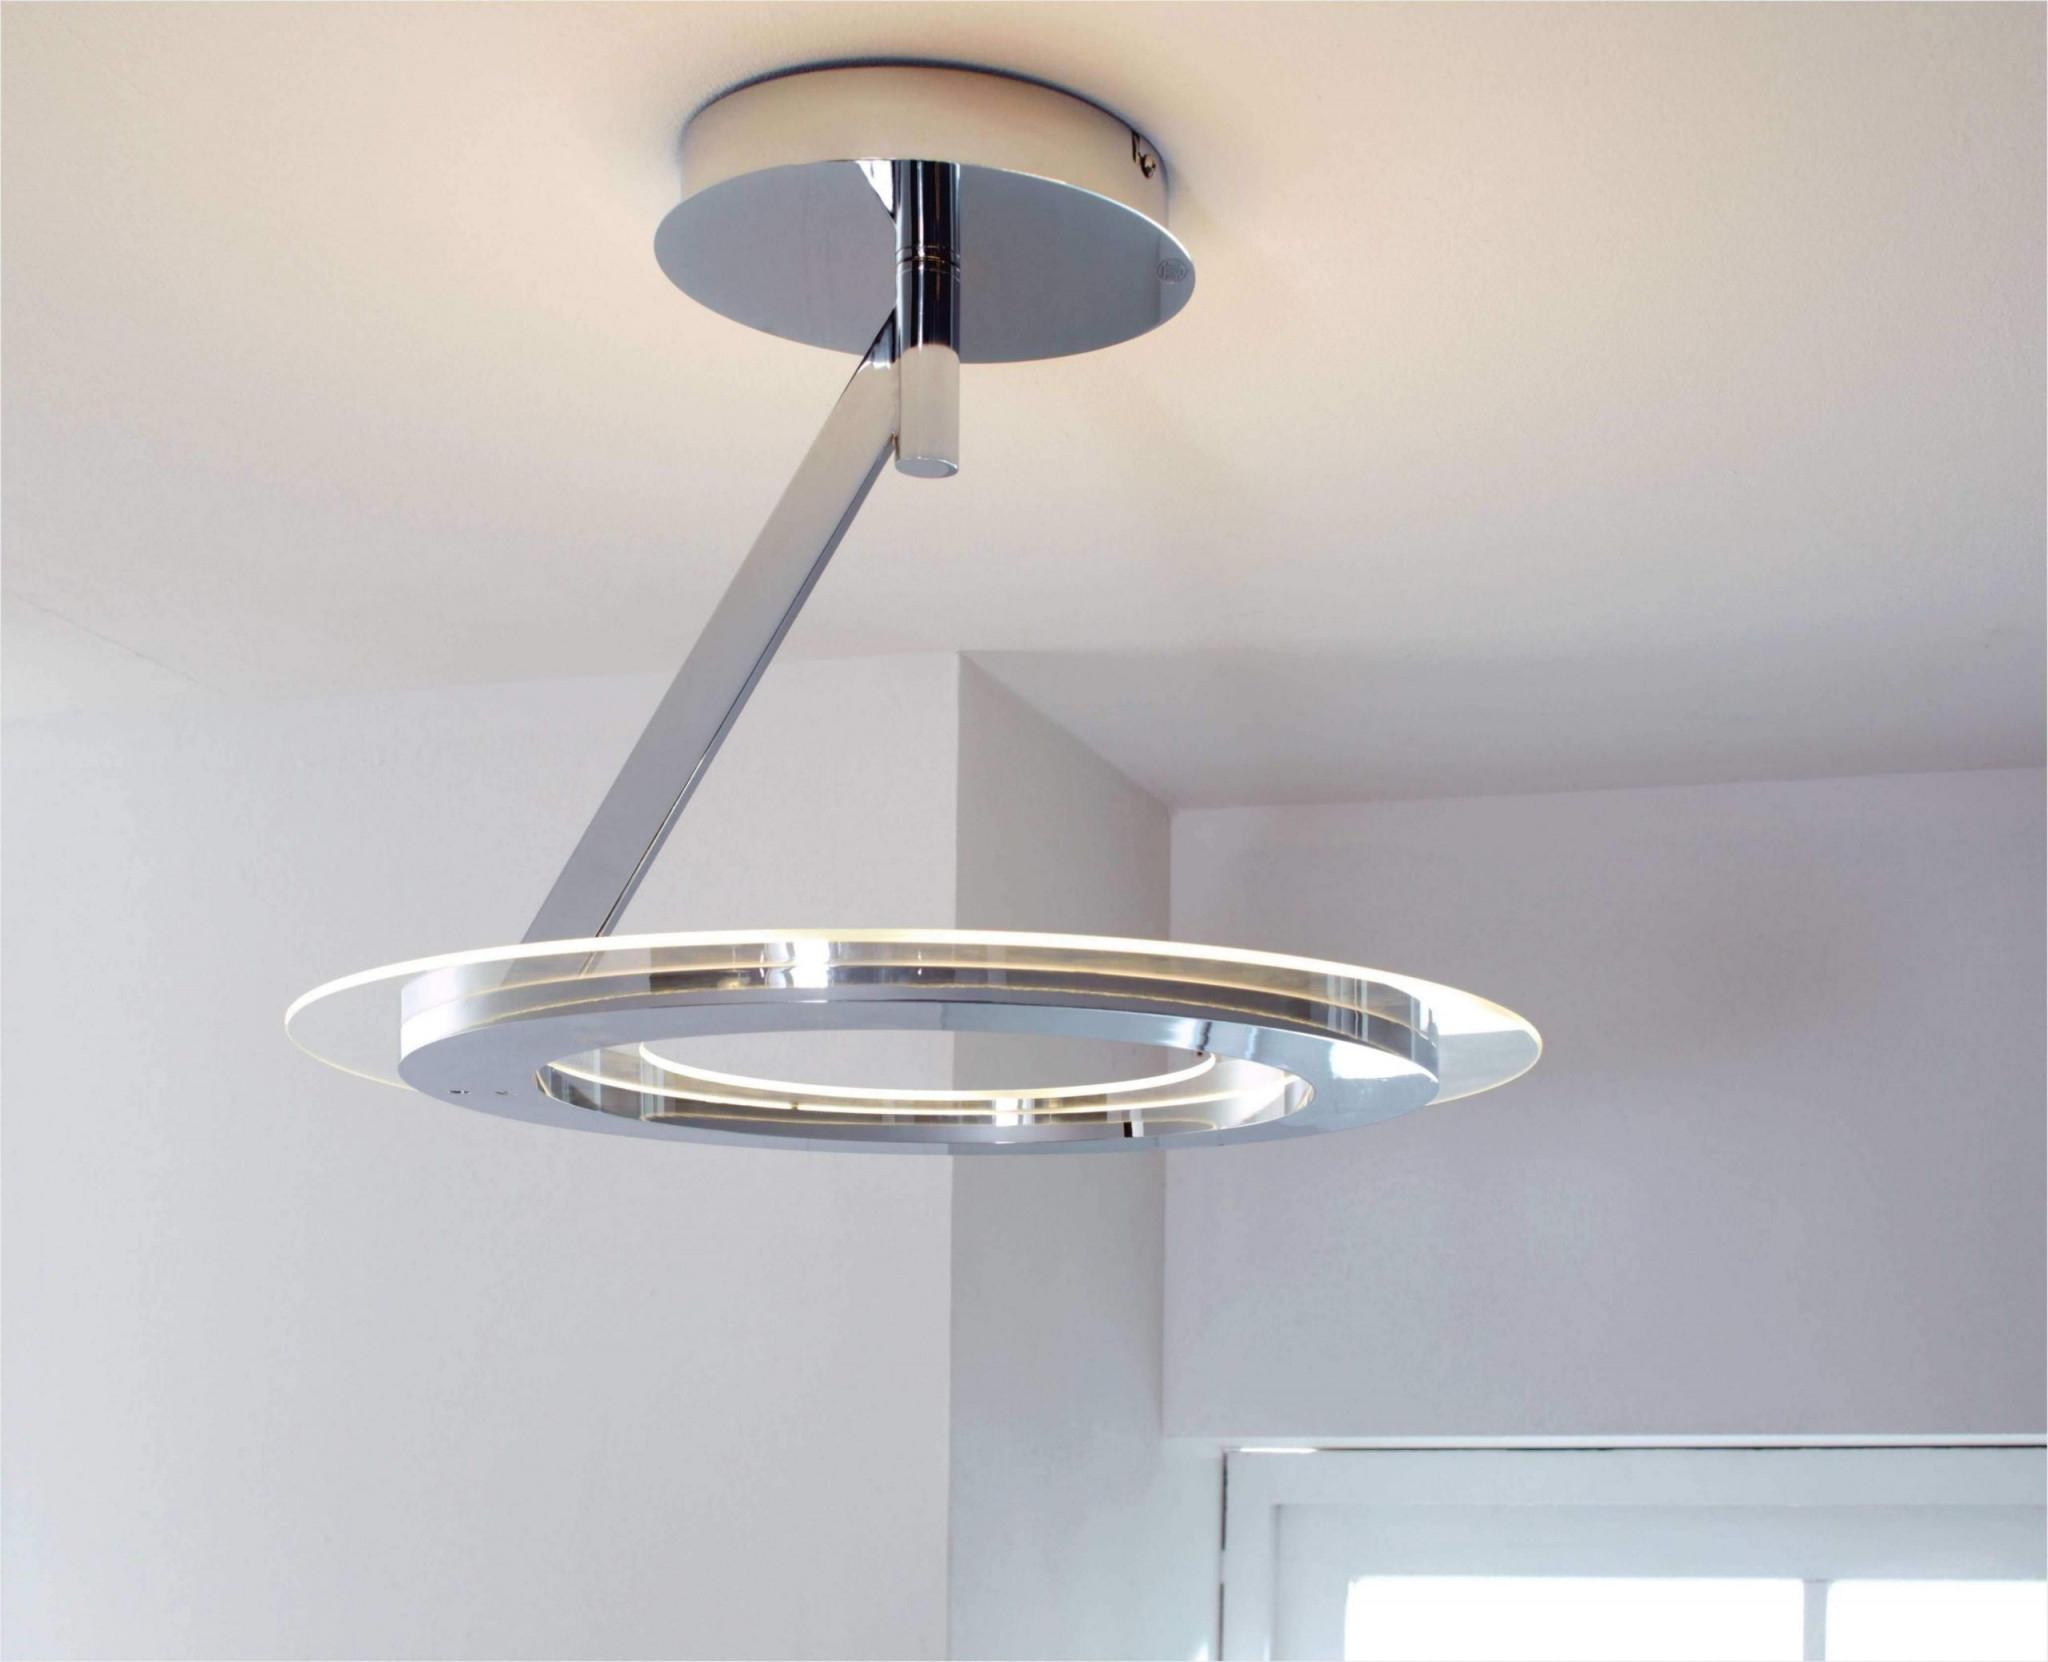 29 Frisch Led Deckenleuchte Wohnzimmer Neu  Wohnzimmer Frisch von Wohnzimmer Deckenlampe Dimmbar Bild